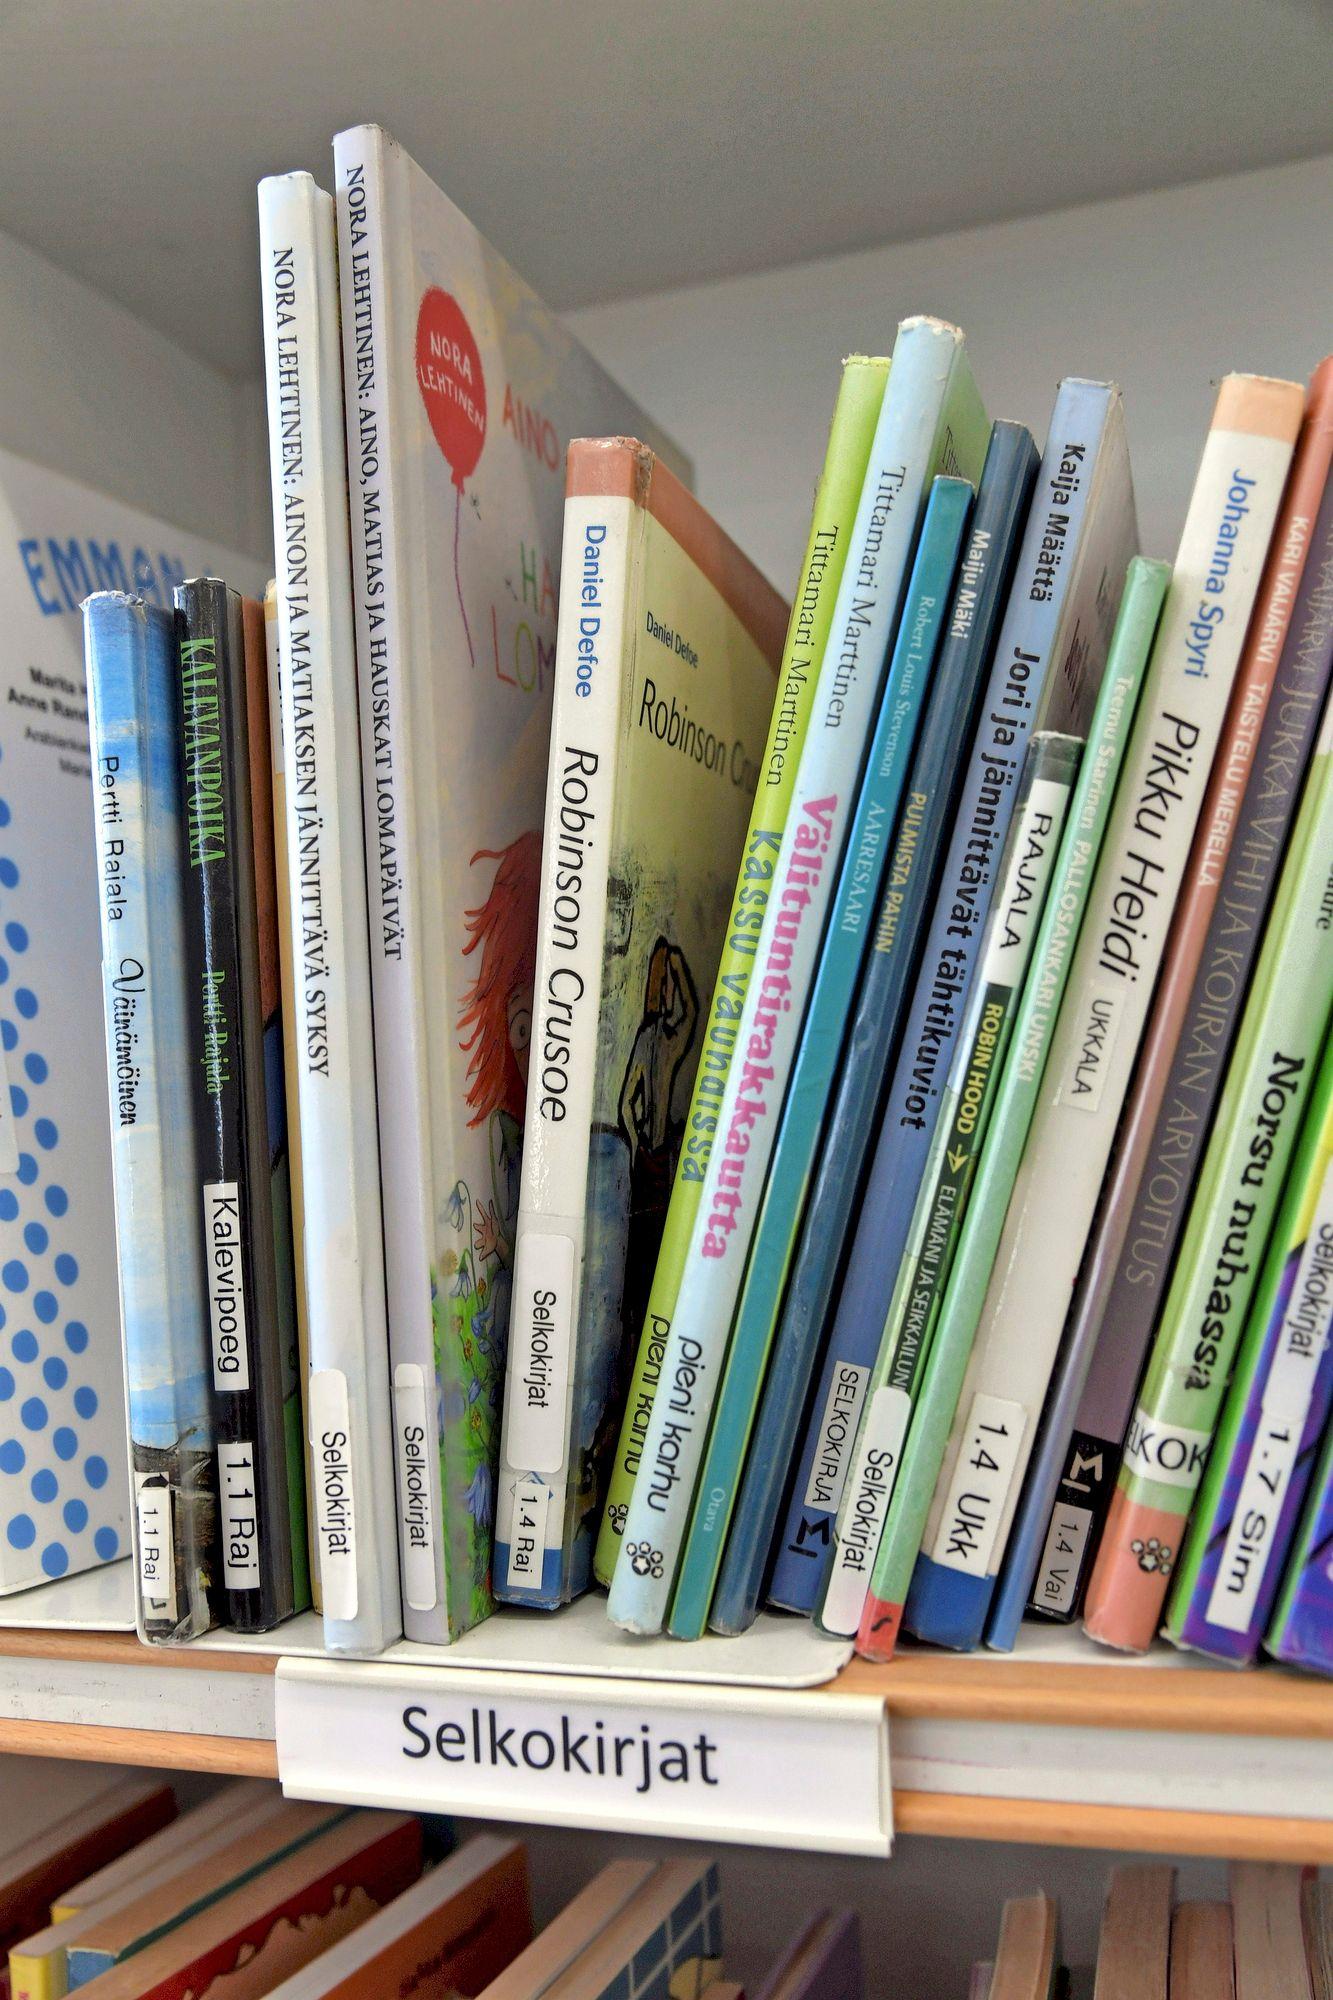 Selkokielisiä kirjoja. © Markku Ulander / Lehtikuva